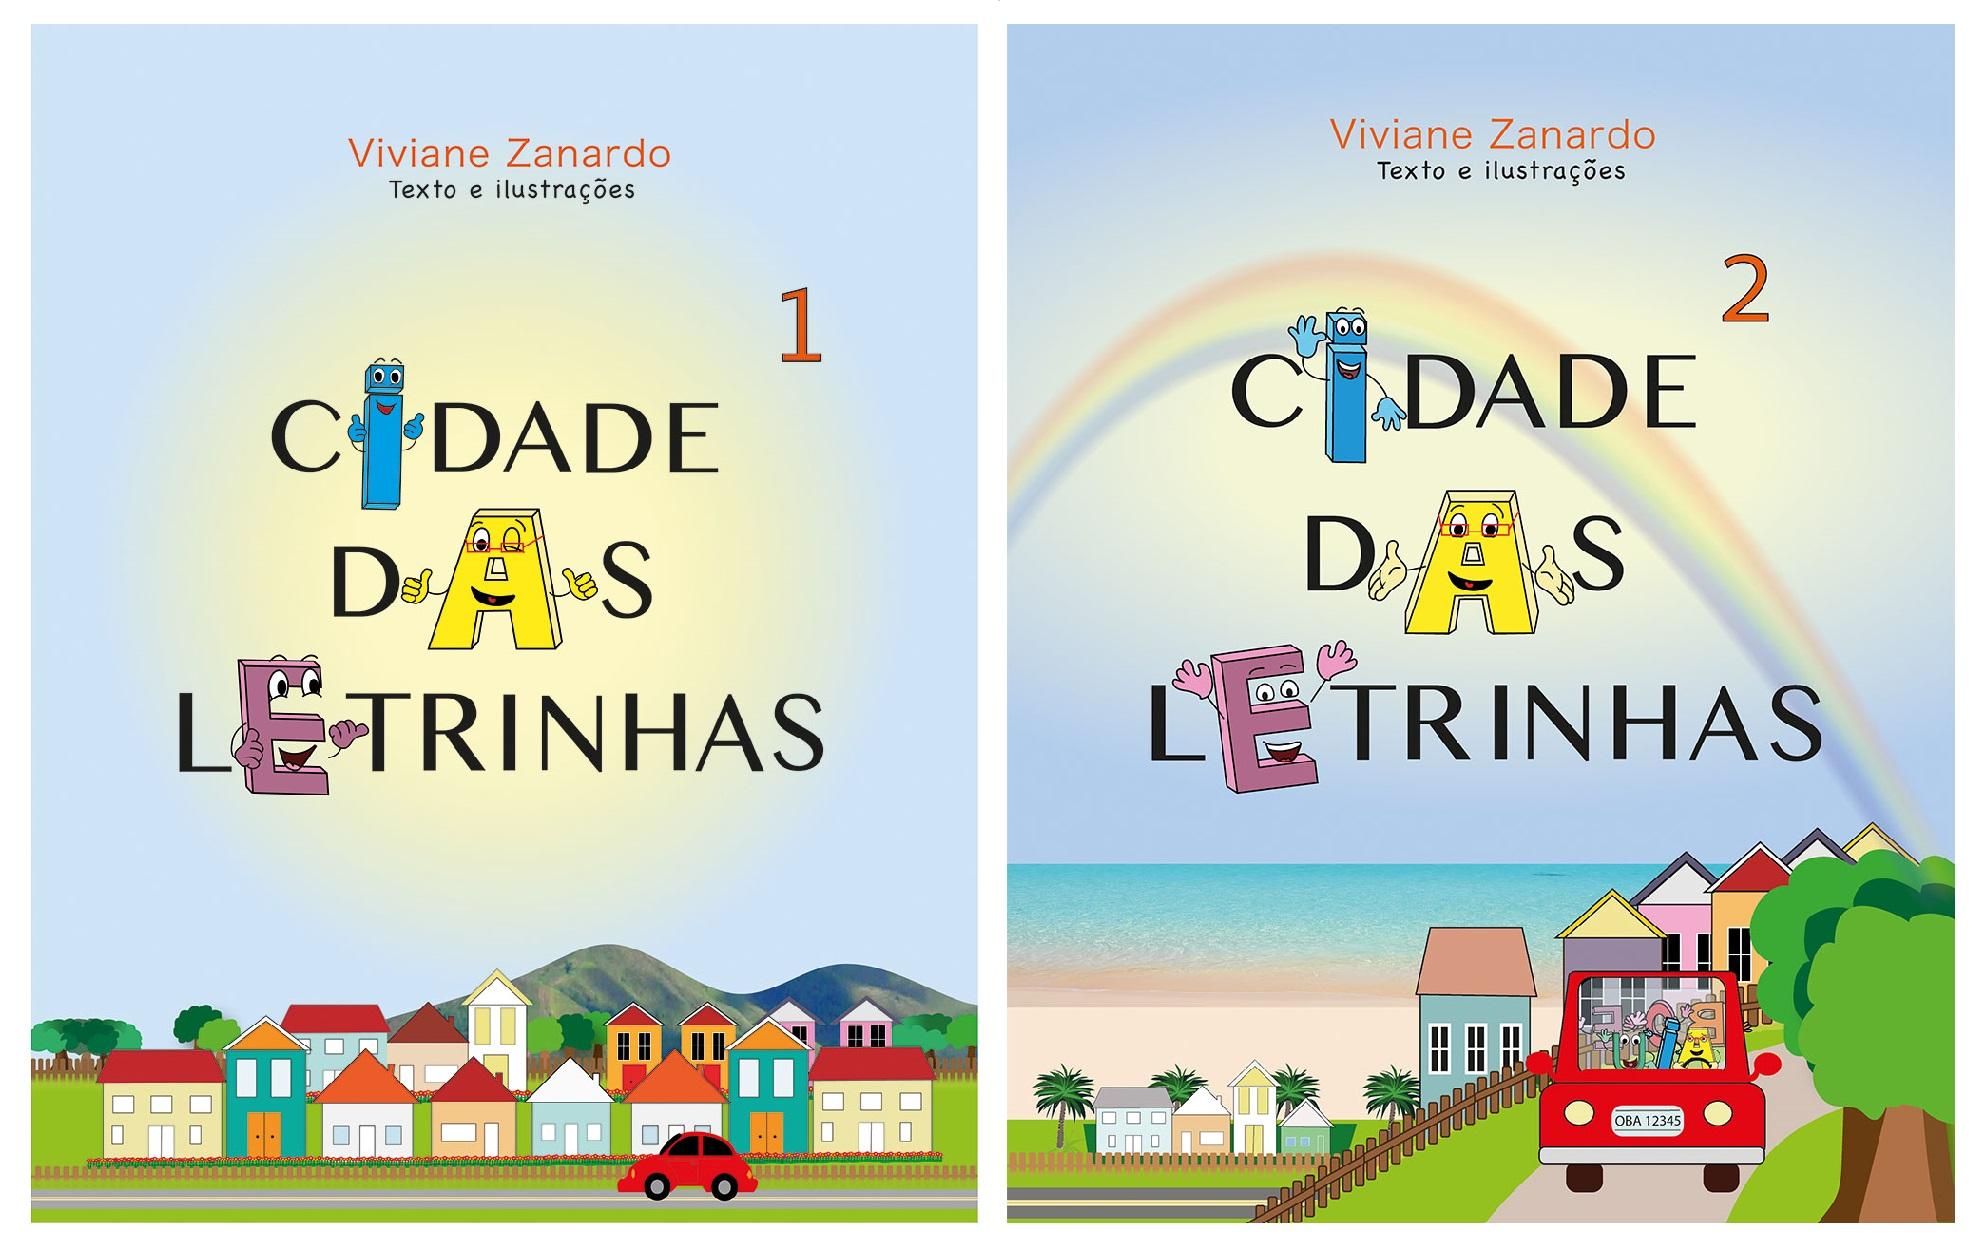 (Foto: Divulgação/Viviane Zanardo)